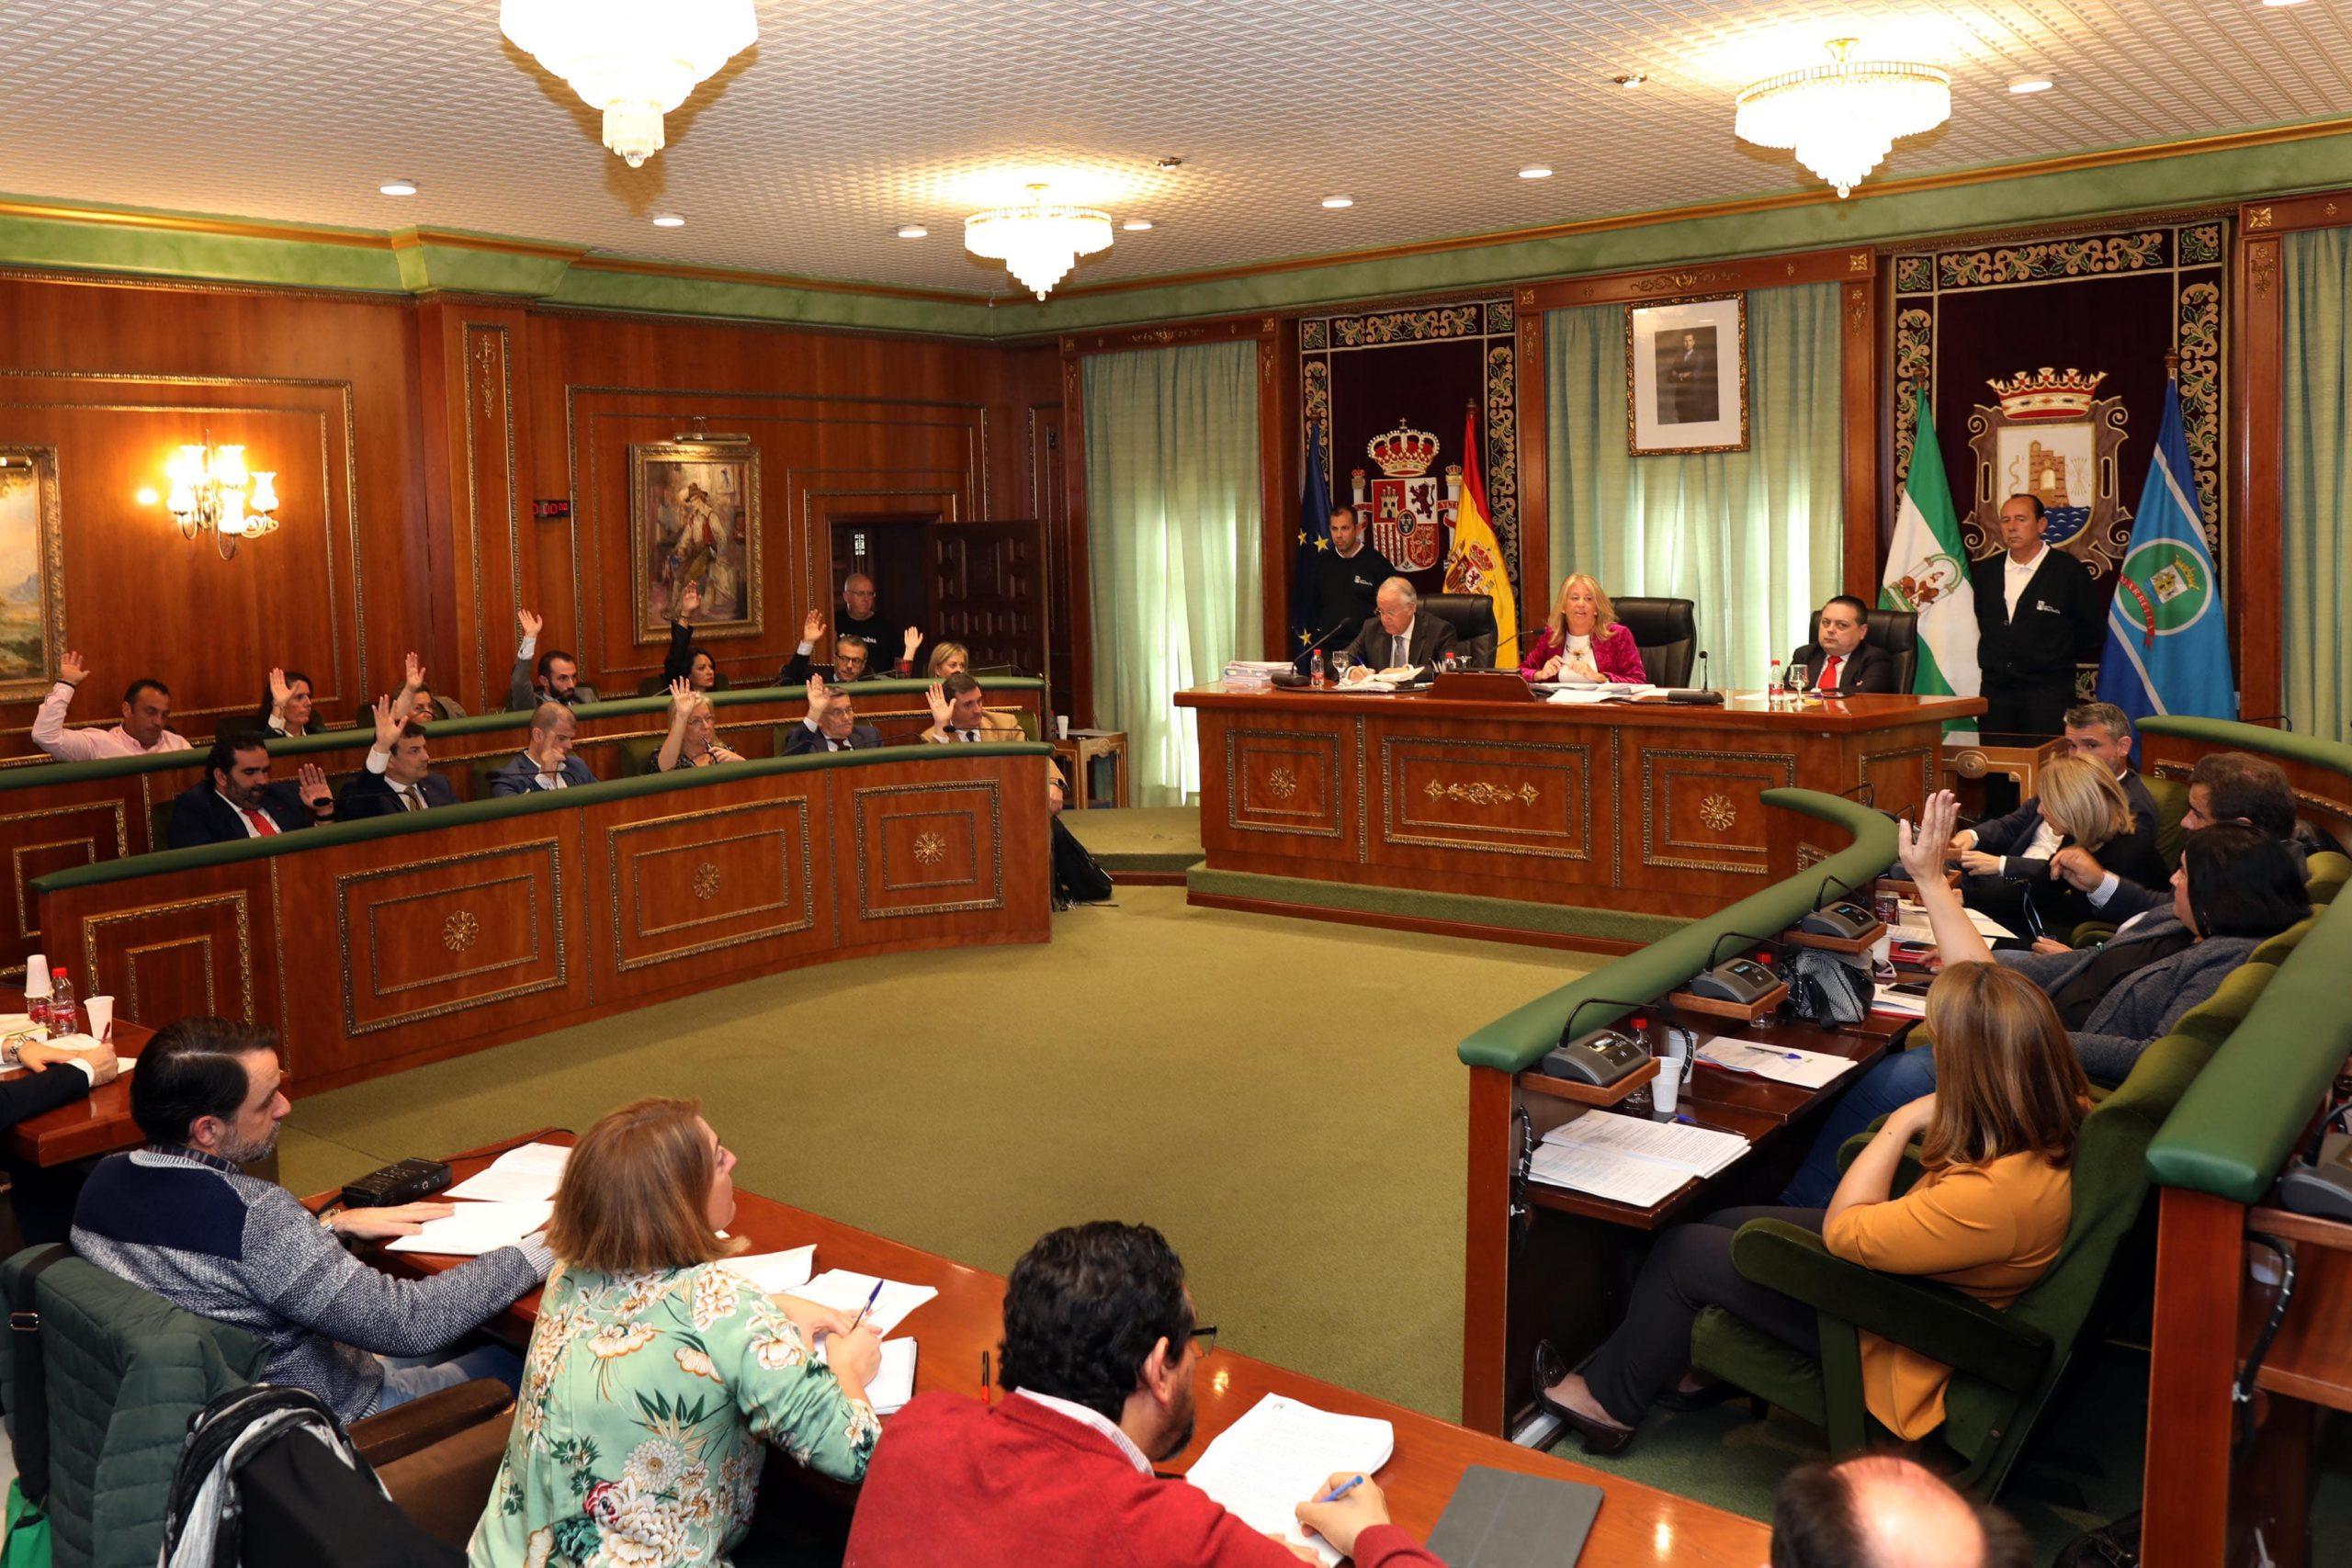 El Pleno aprueban por unanimidad solicitar a Fomento la ejecución del tercer carril en la A7 entre San Pedro y Puerto Banús